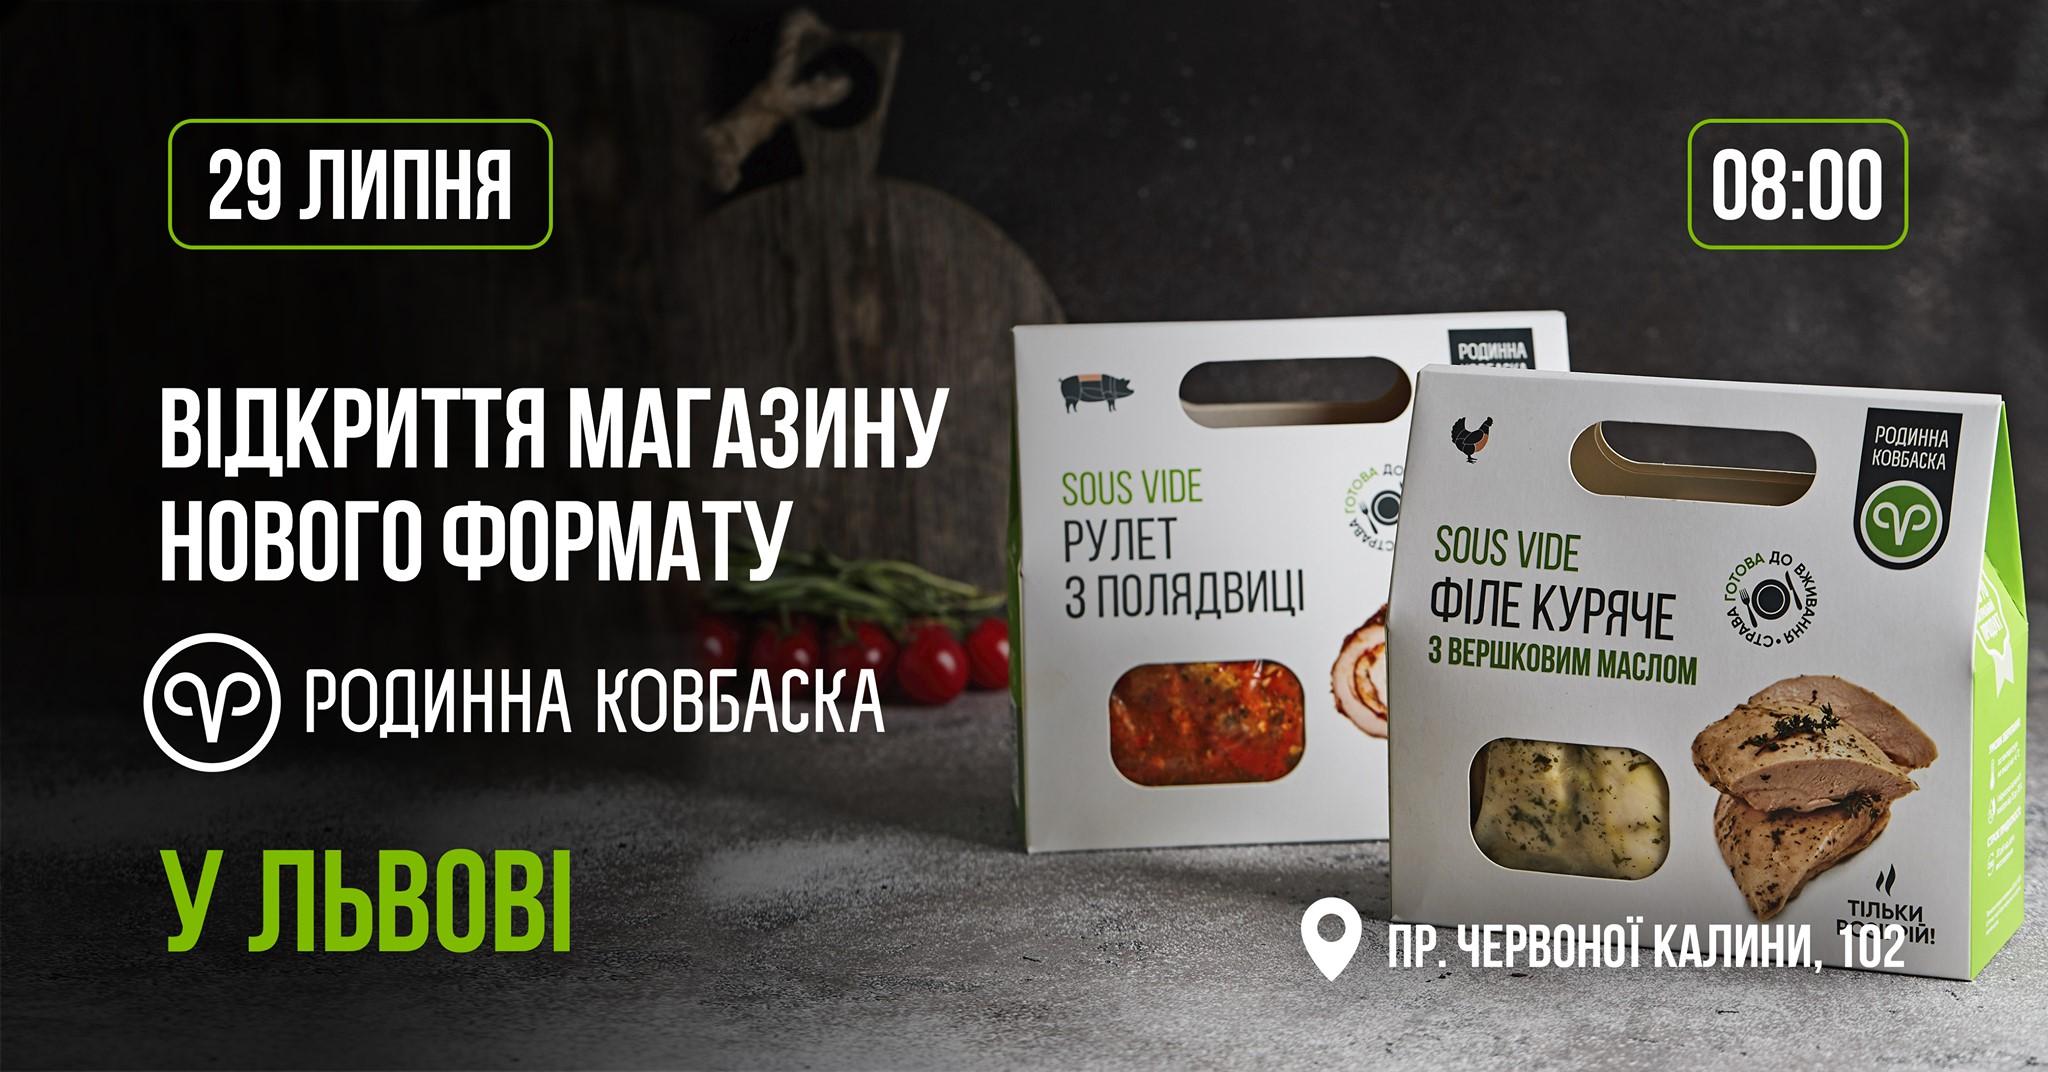 """Відкриття нового магазину """"Родинна ковбаска"""" на Сихові"""